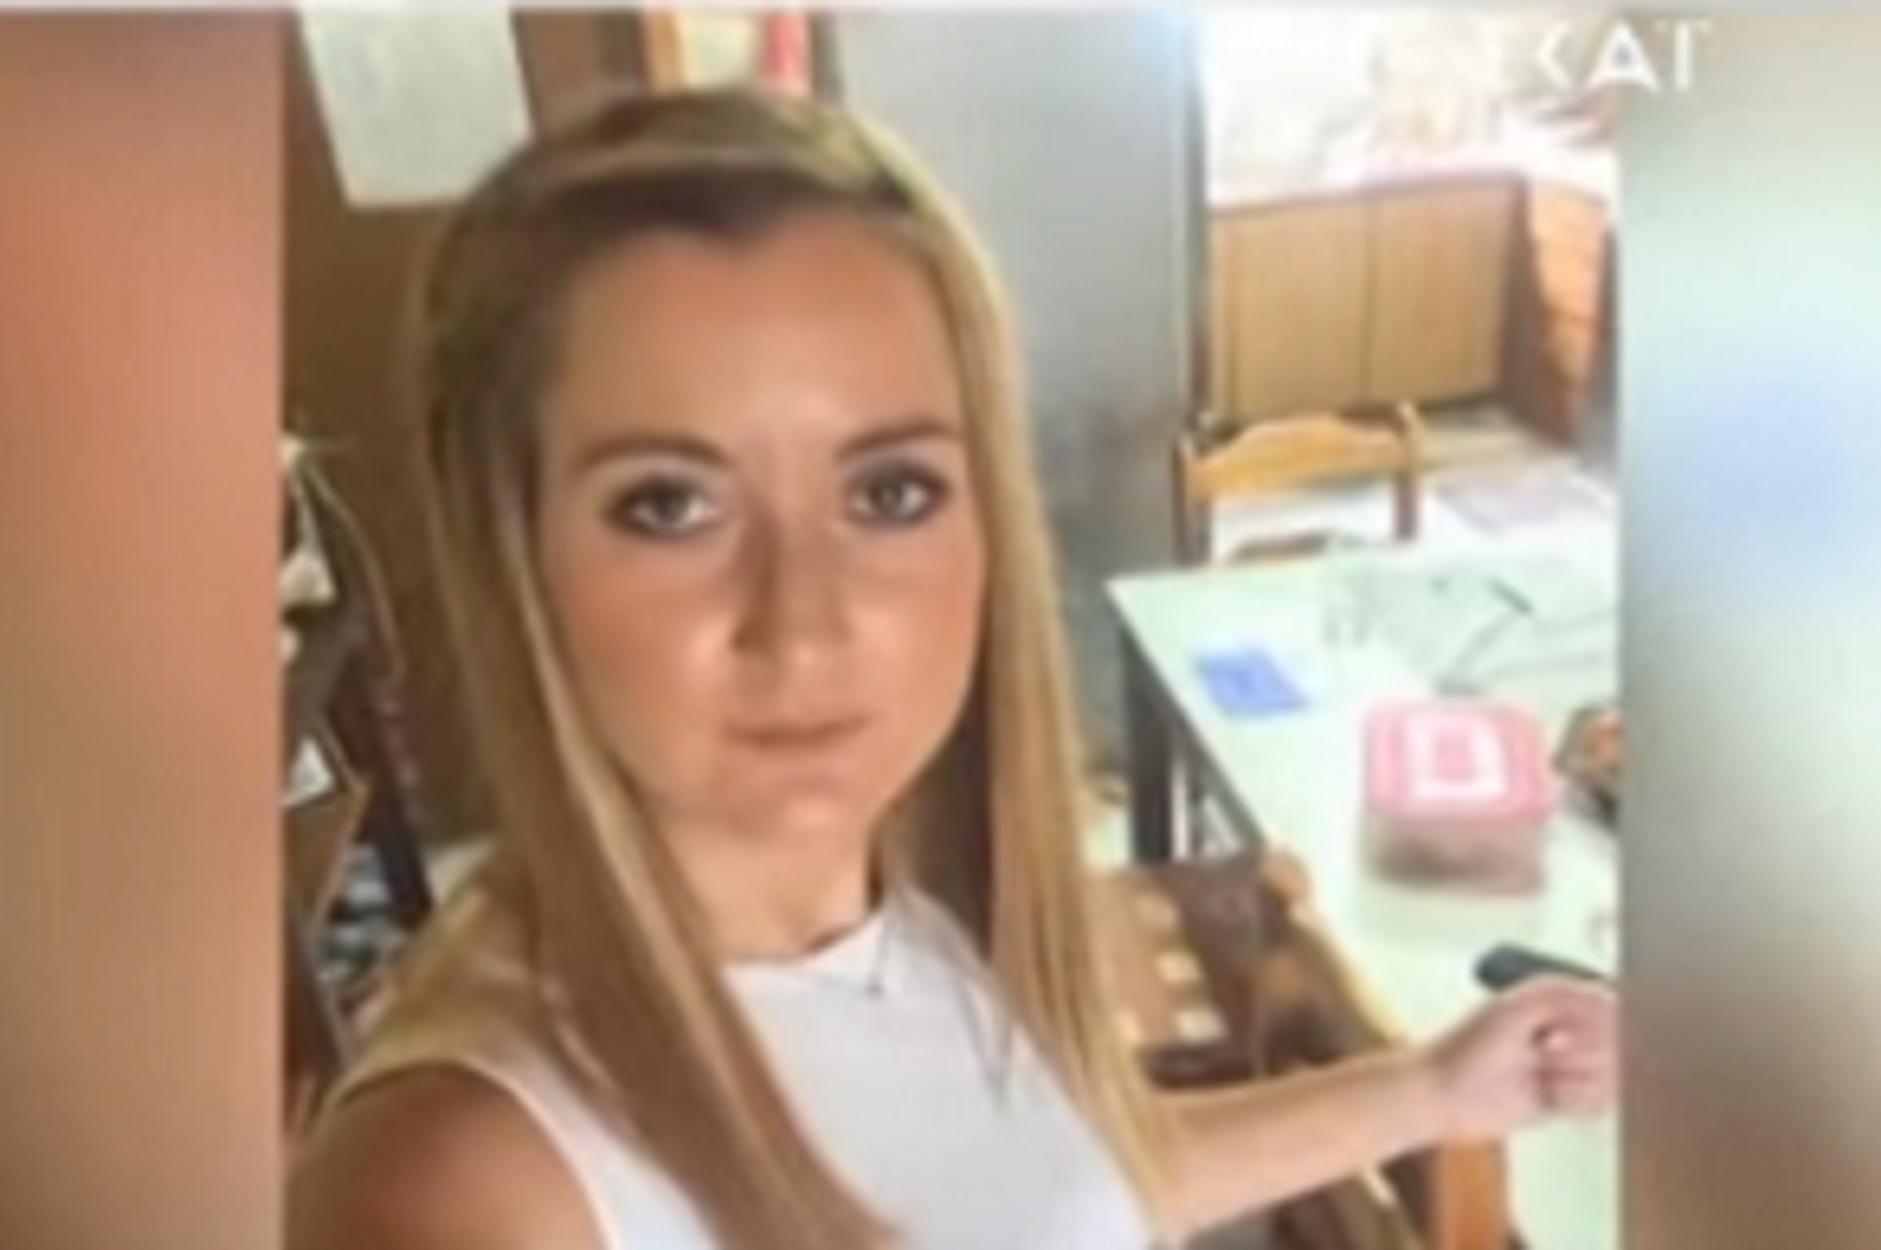 Στη Δικαιοσύνη η οικογένεια της 27χρονης Δώρας – Όρισε ιατροδικαστή για να ριχτεί φως στην τραγωδία